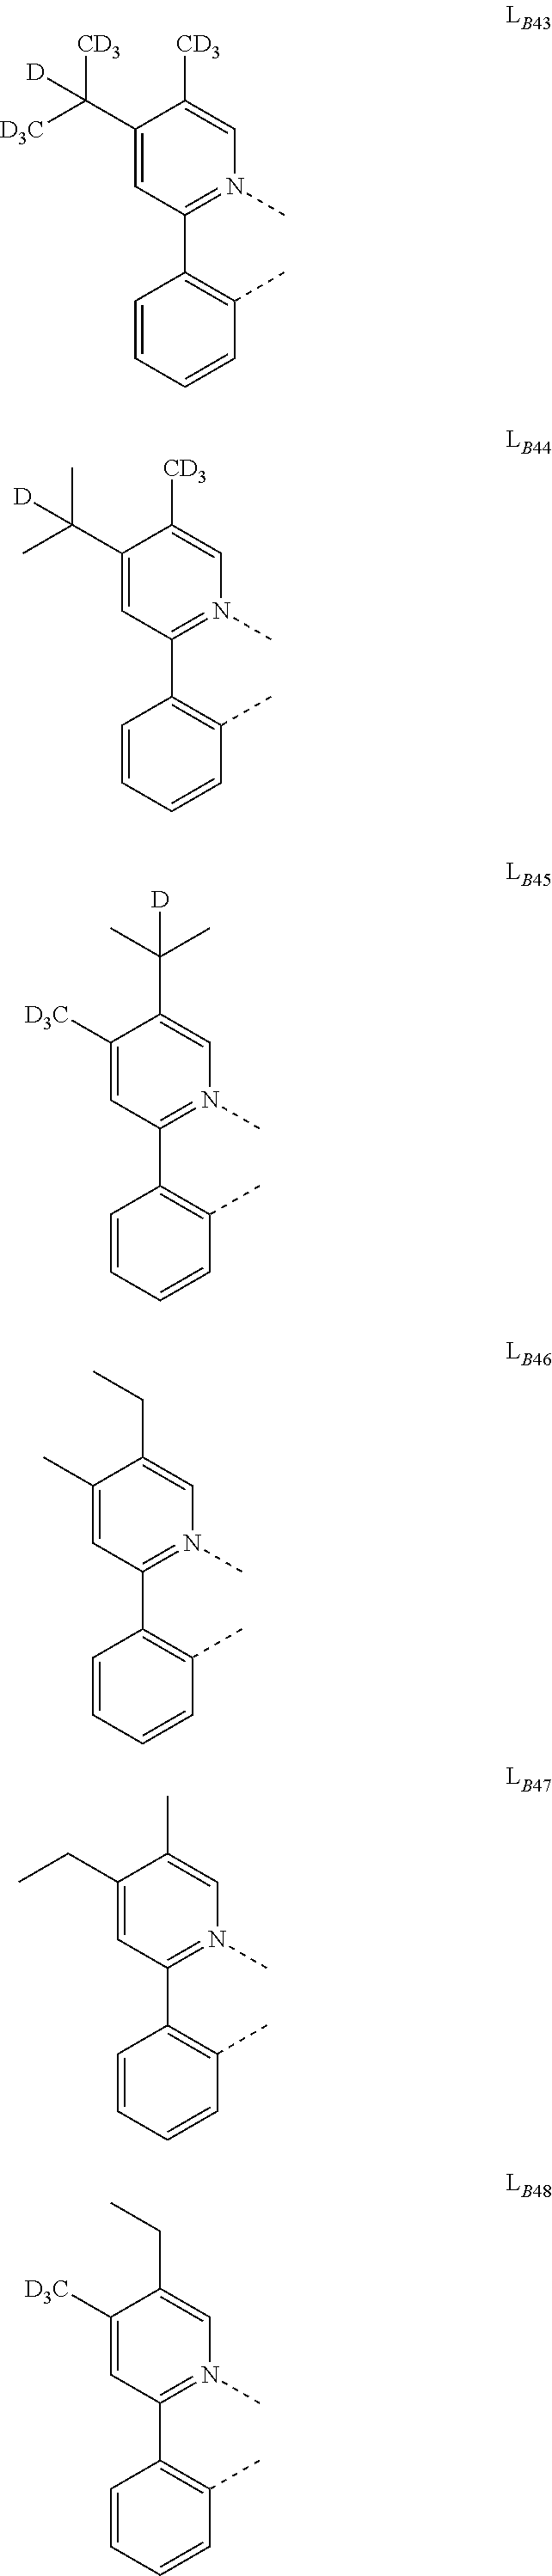 Figure US20180130962A1-20180510-C00268